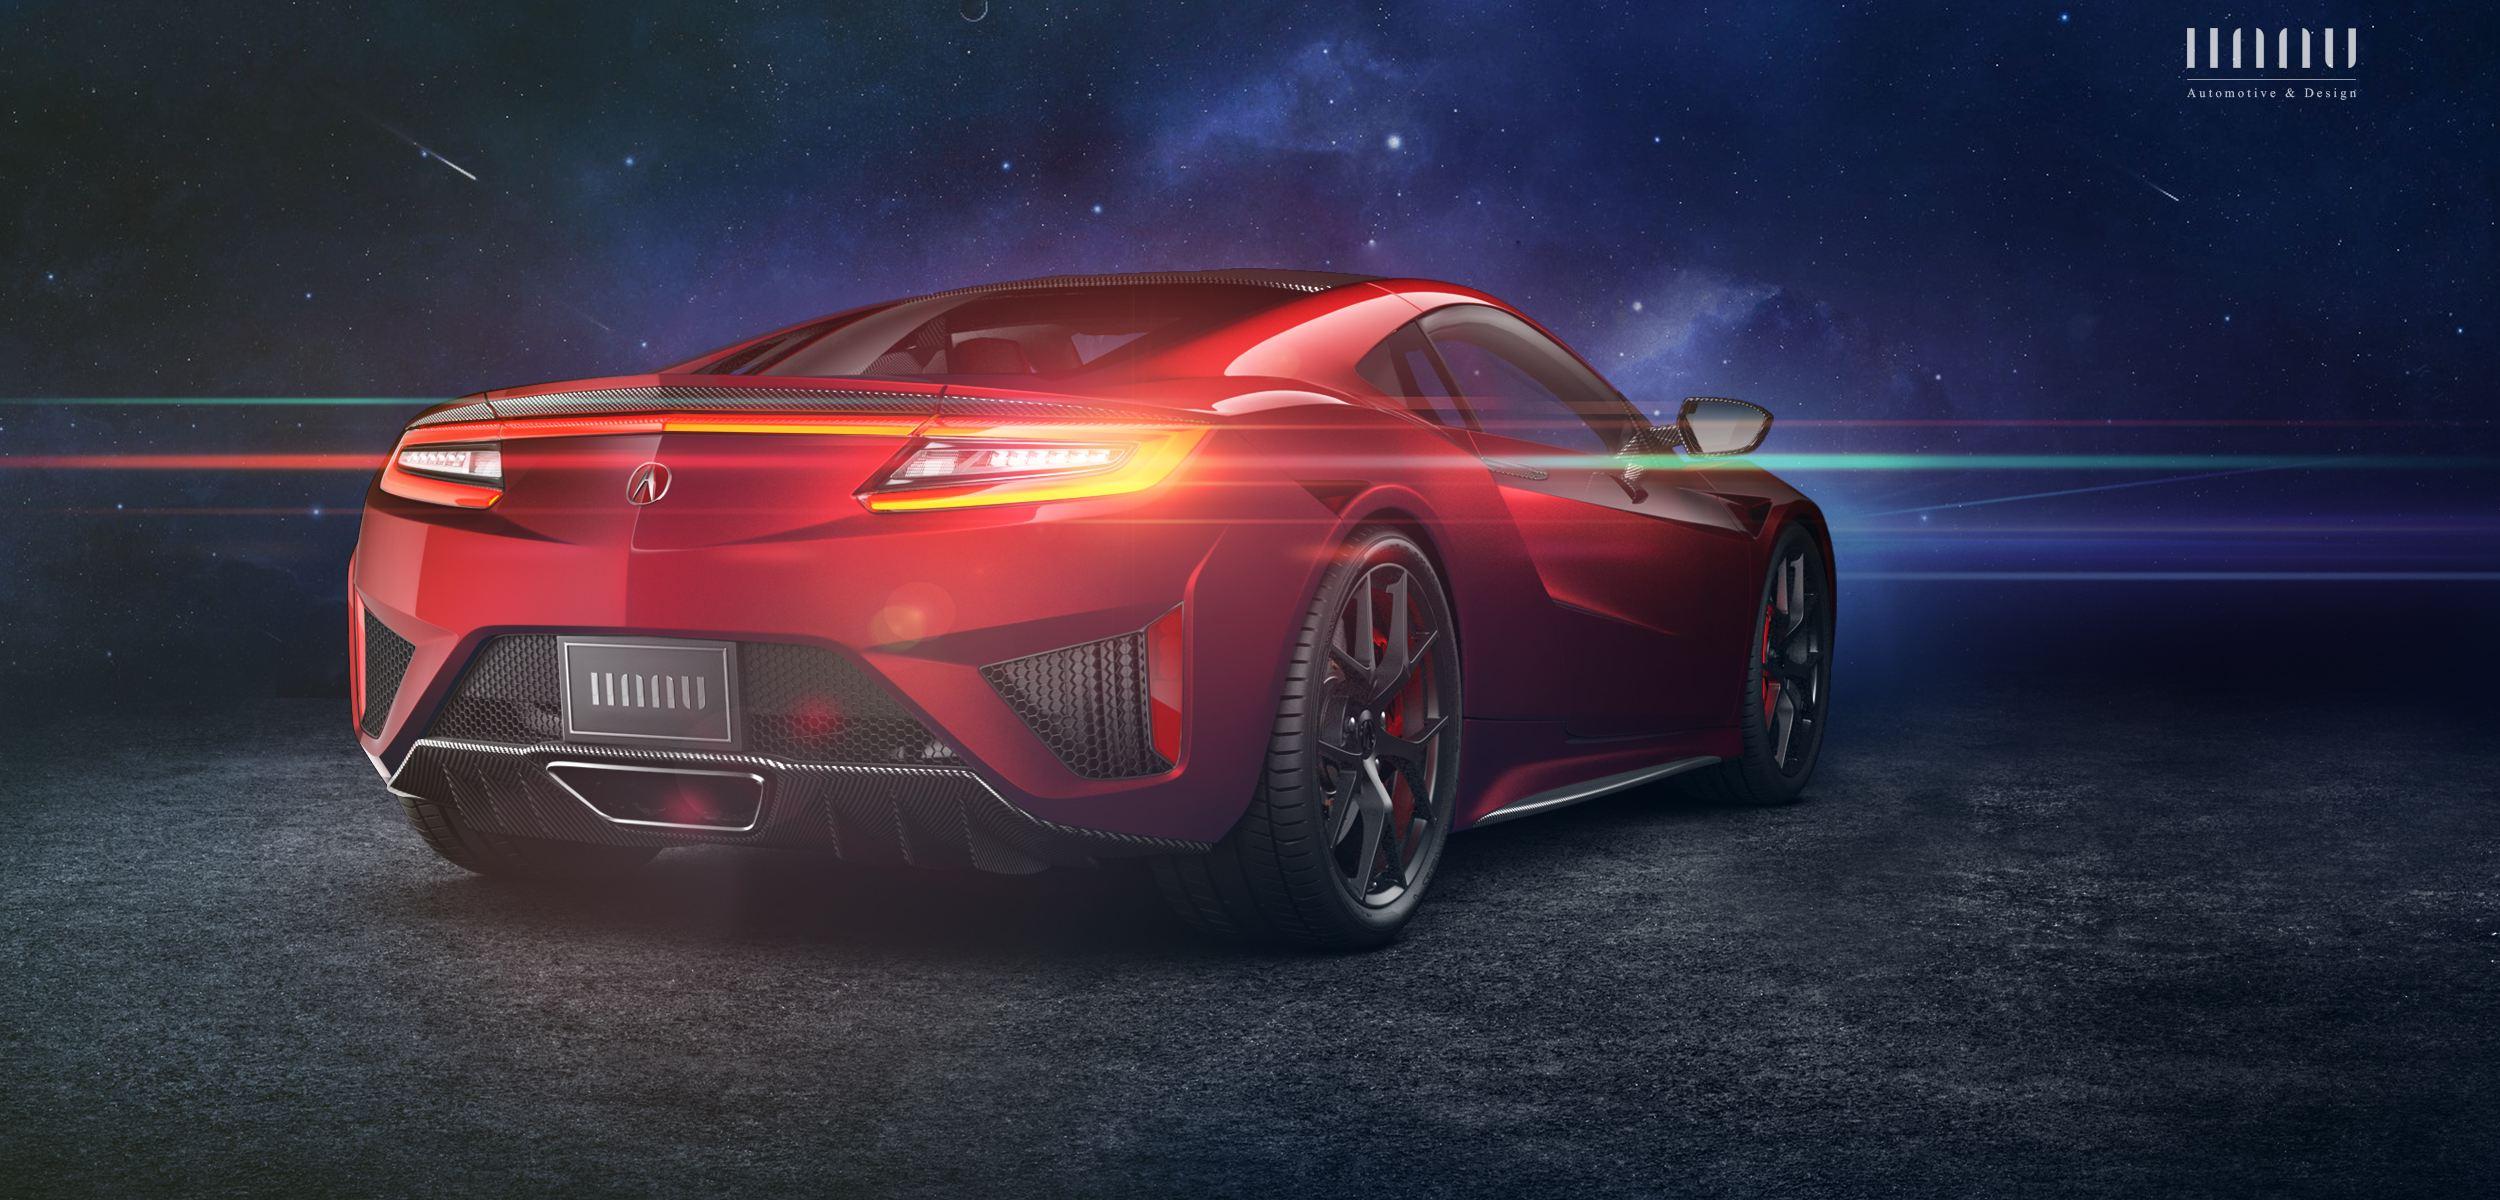 讴歌和日产楼兰电动汽车哪个好:讴歌NSX